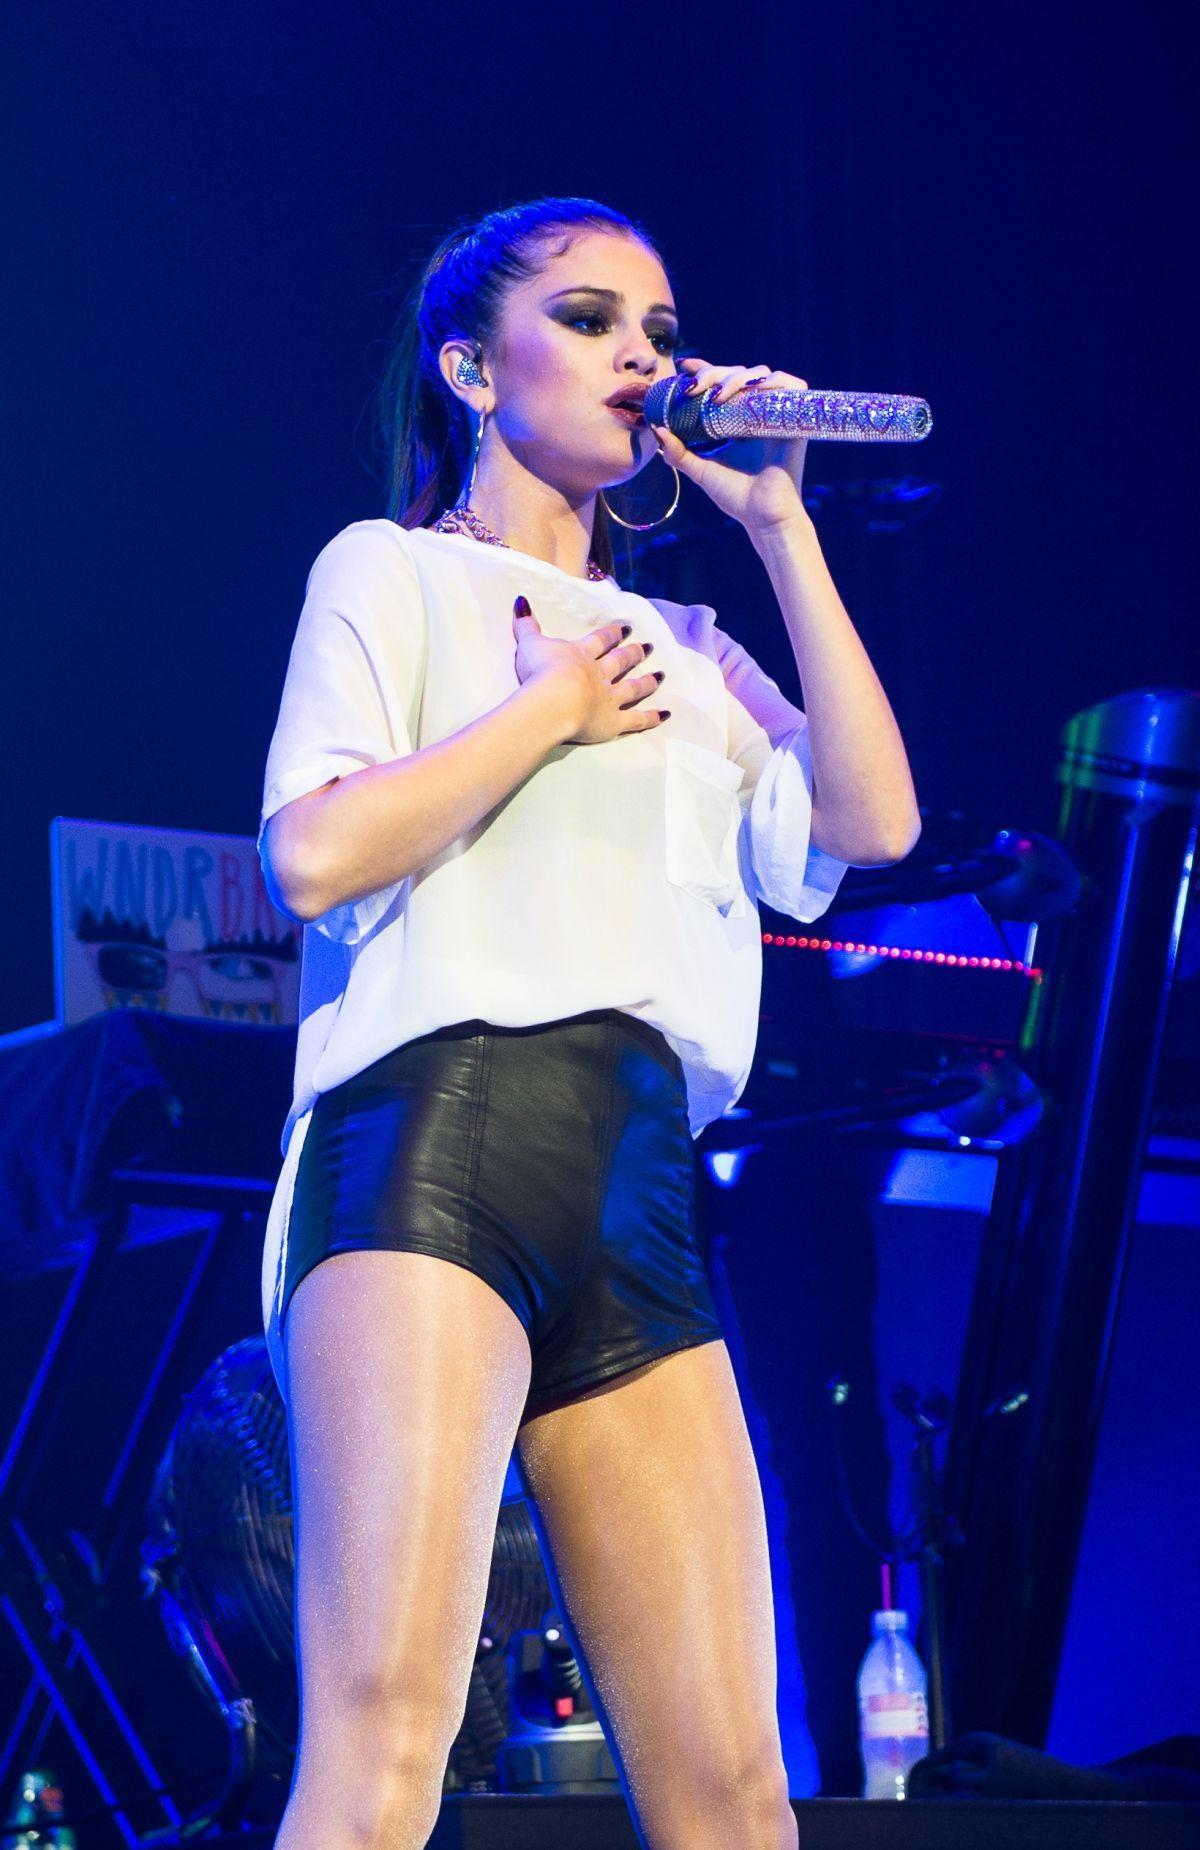 Pin de Bella Swift💕☁ en Star Dance Tour ✨ | Pinterest